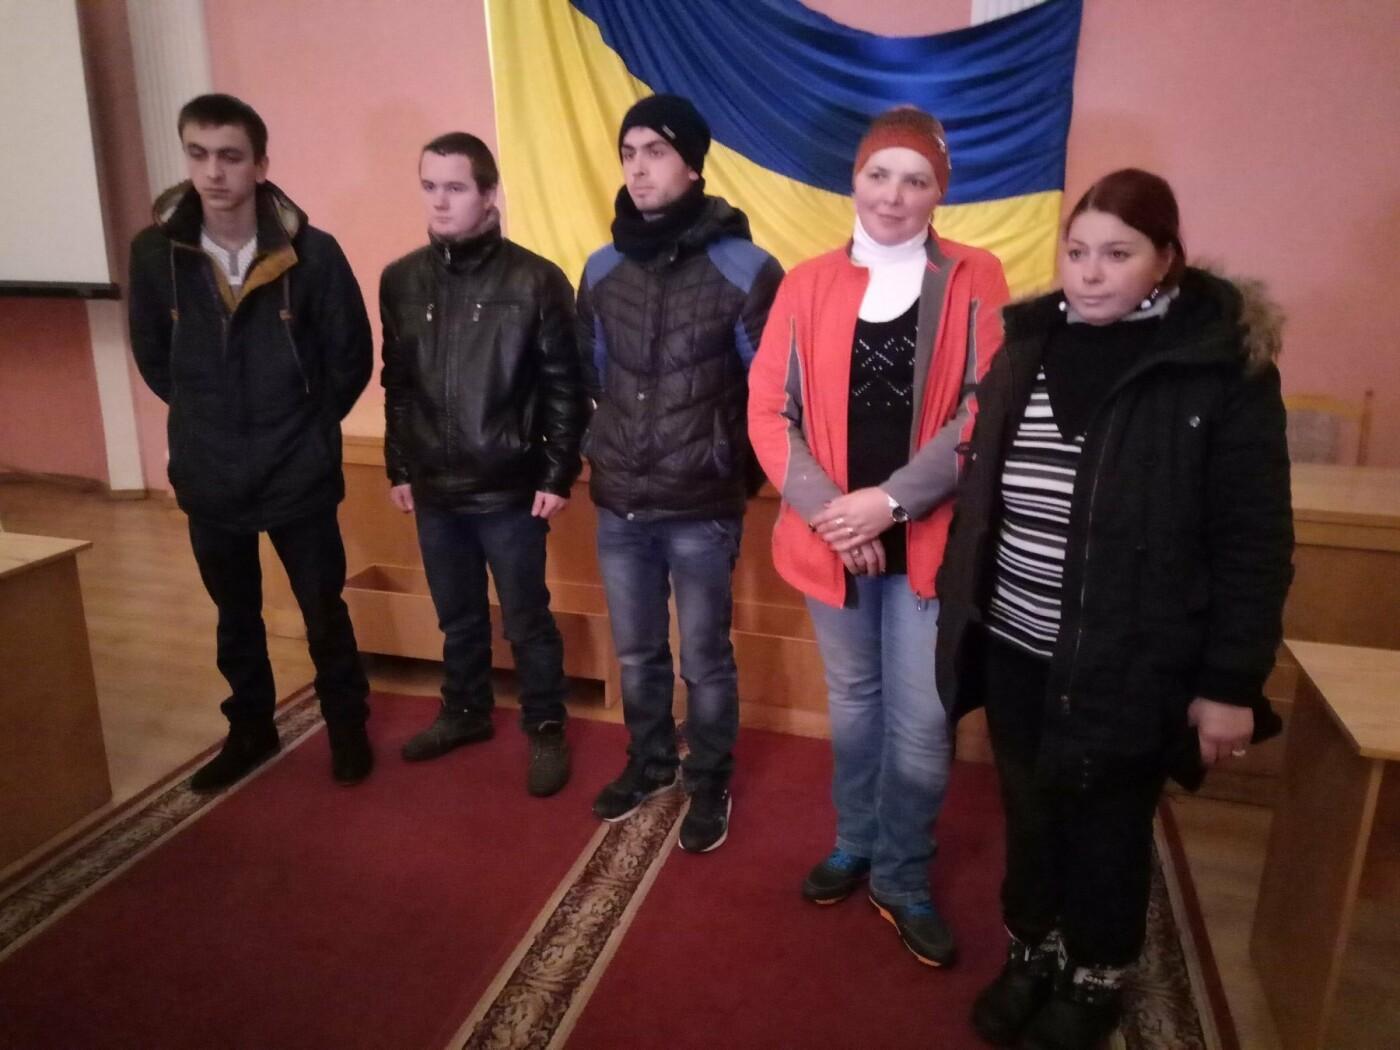 Буковинці почали активно звертаютись до військкомату: на службу відправили ще 6 кандидатів, фото-5